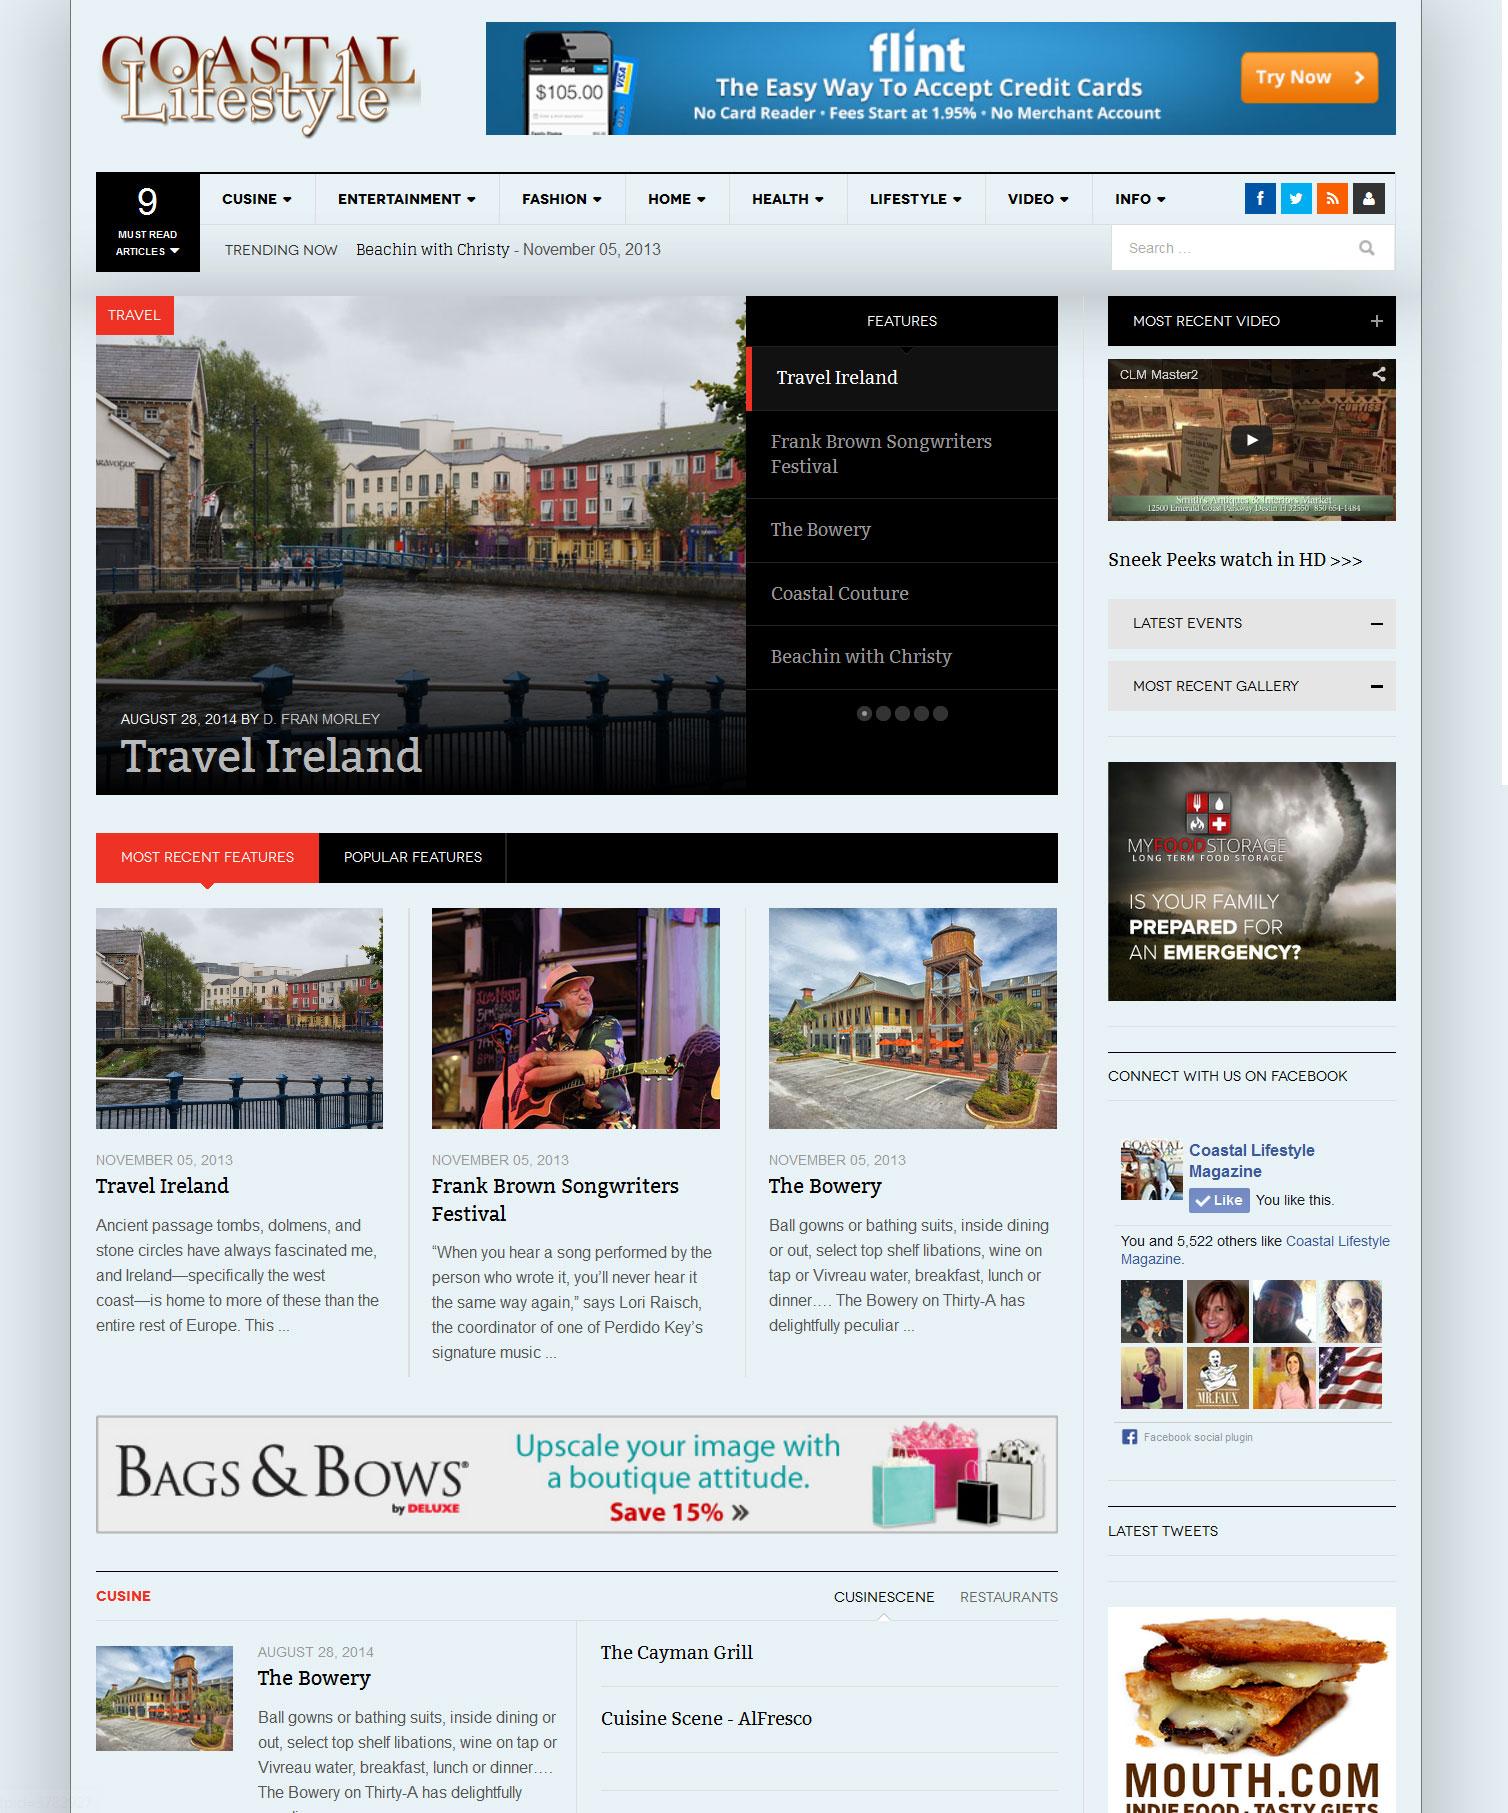 Magazine web site Magazine Web Site - Coastal Lifestyle Magazine